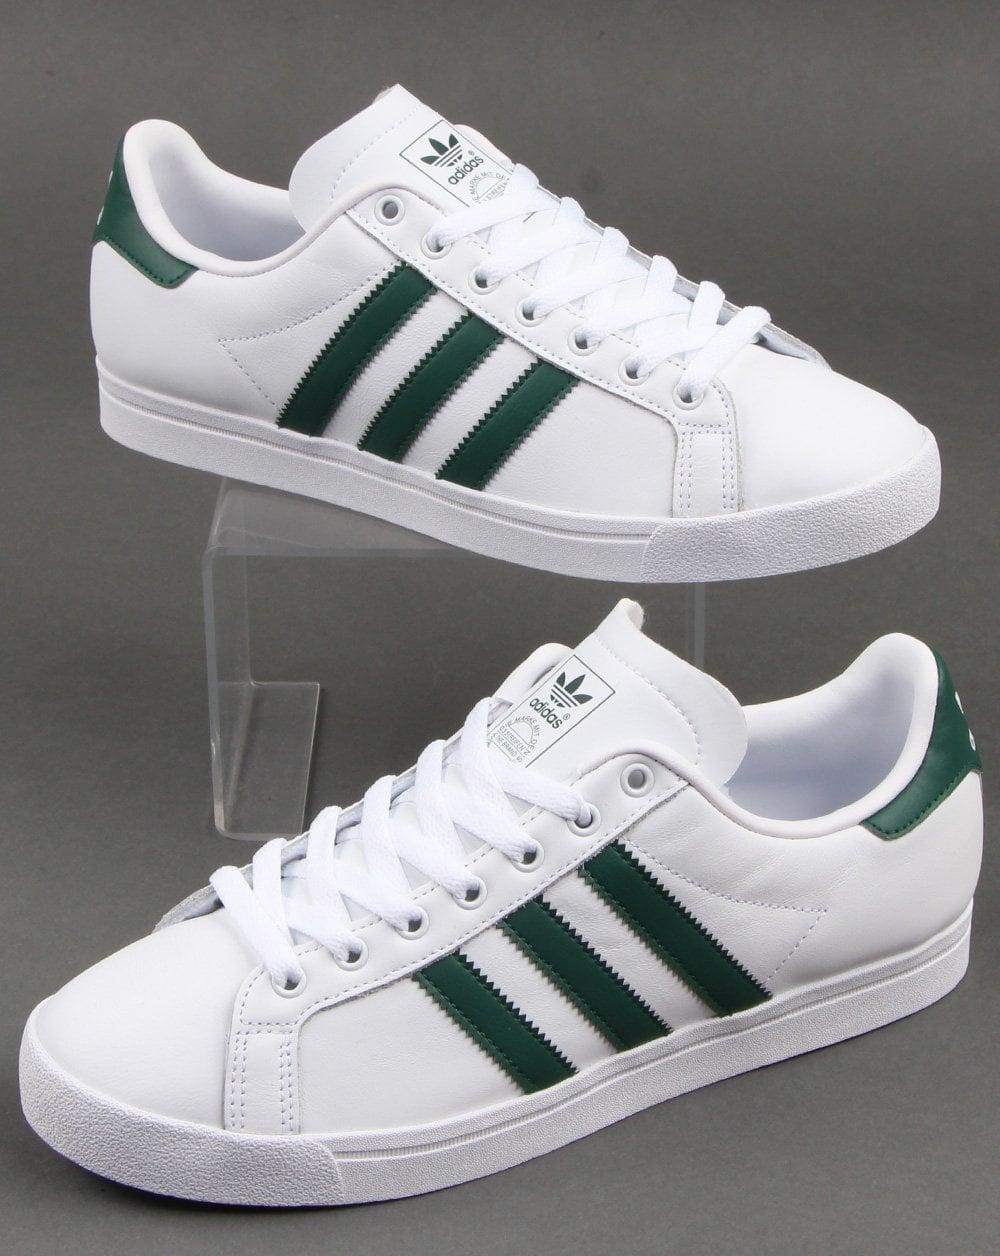 delikatne kolory 50% zniżki najwyższa jakość Adidas Coast Star Trainers White/green